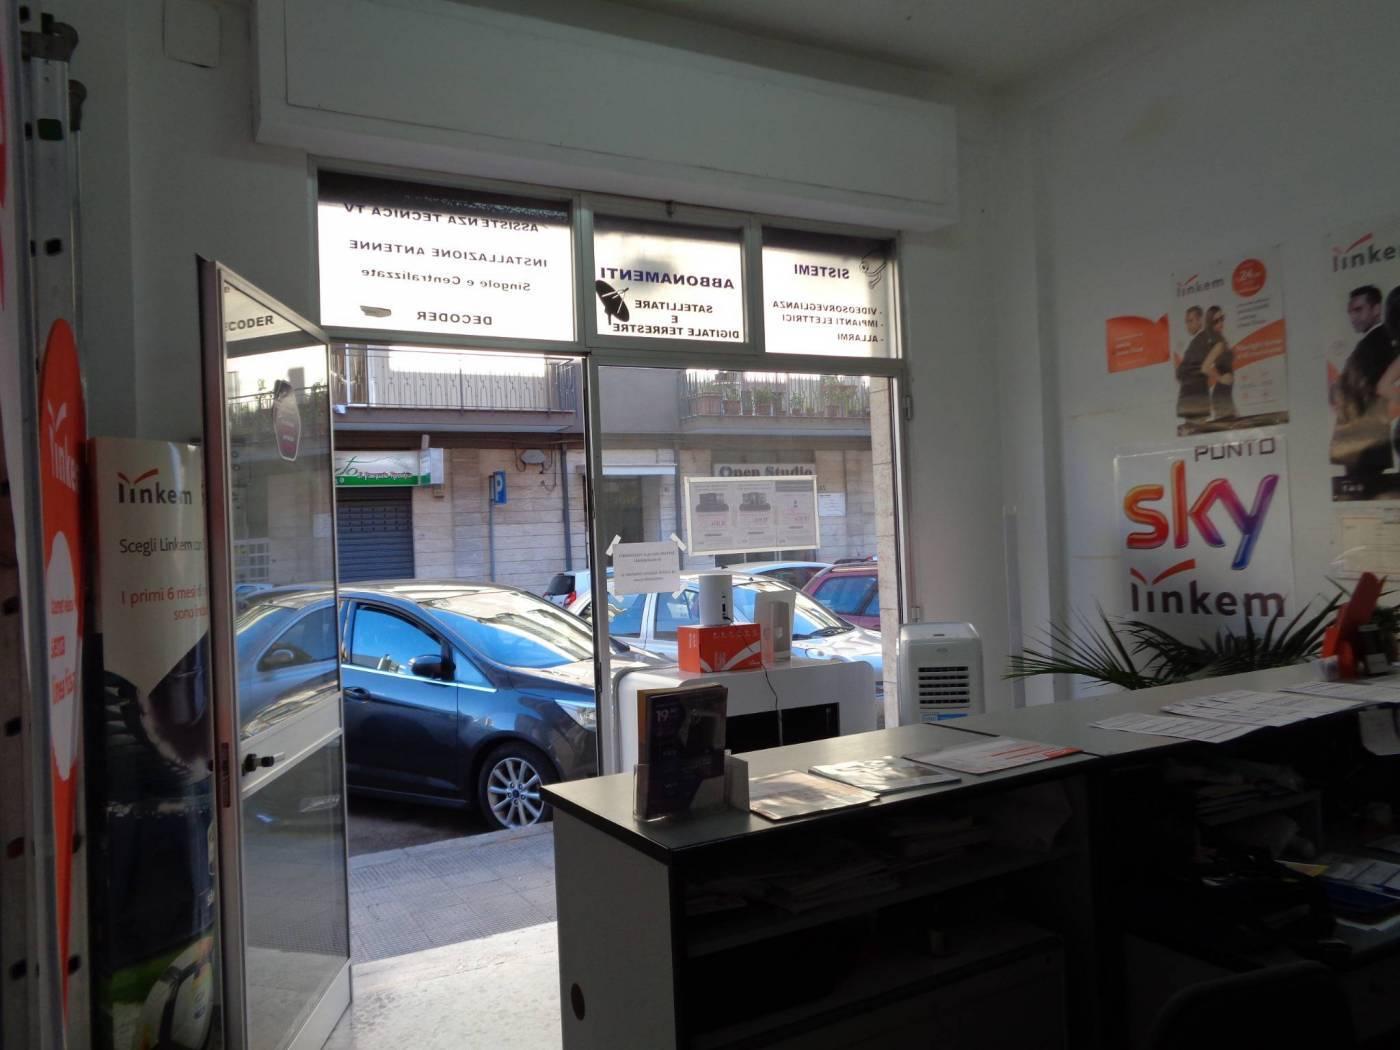 Immobile Commerciale in vendita a Valenzano, 1 locali, prezzo € 103.000   CambioCasa.it